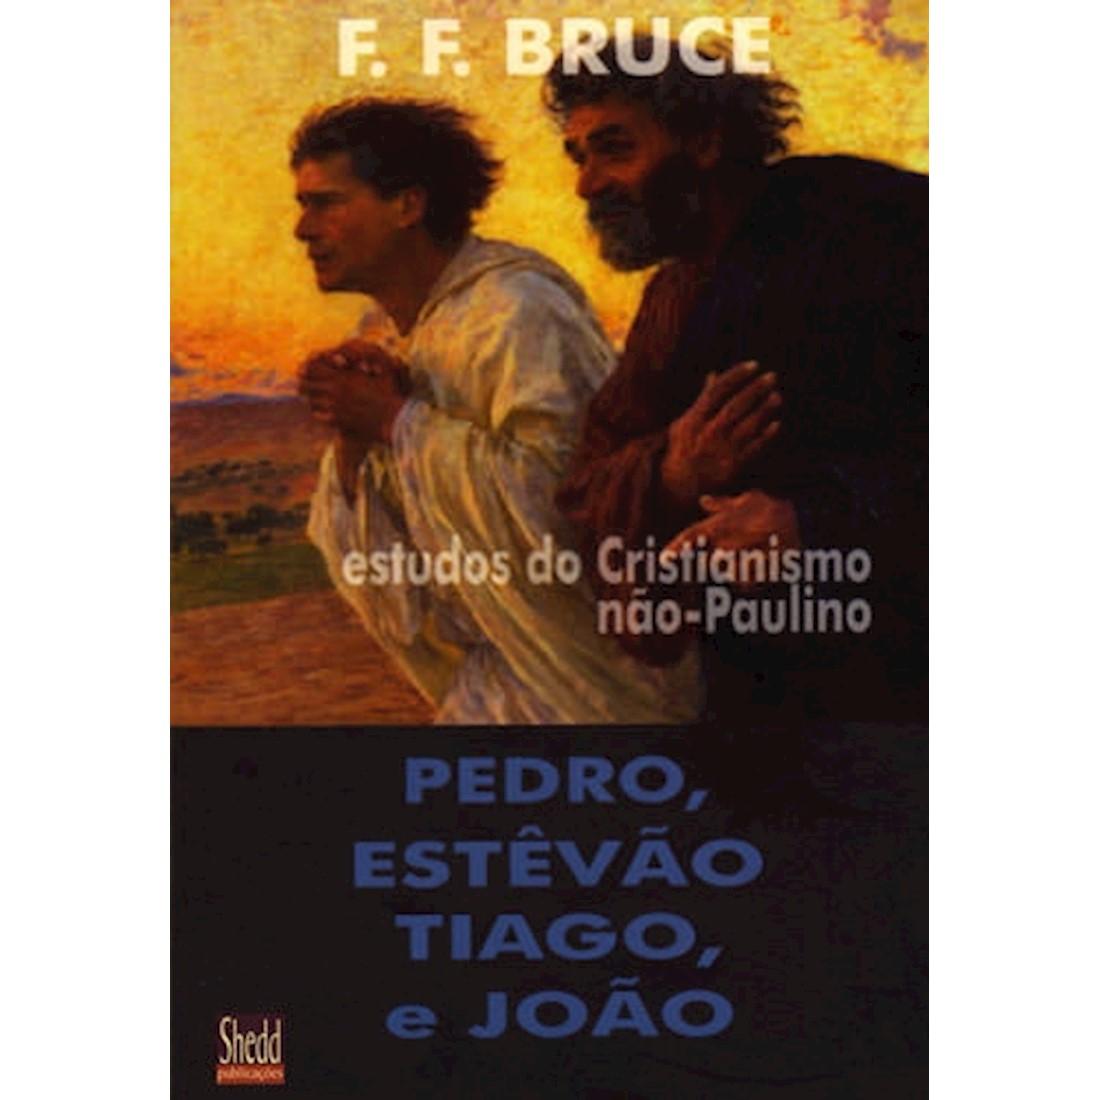 Livro Pedro, Estevão, Tiago e João: Estudos do Cristianismo não-Paulino